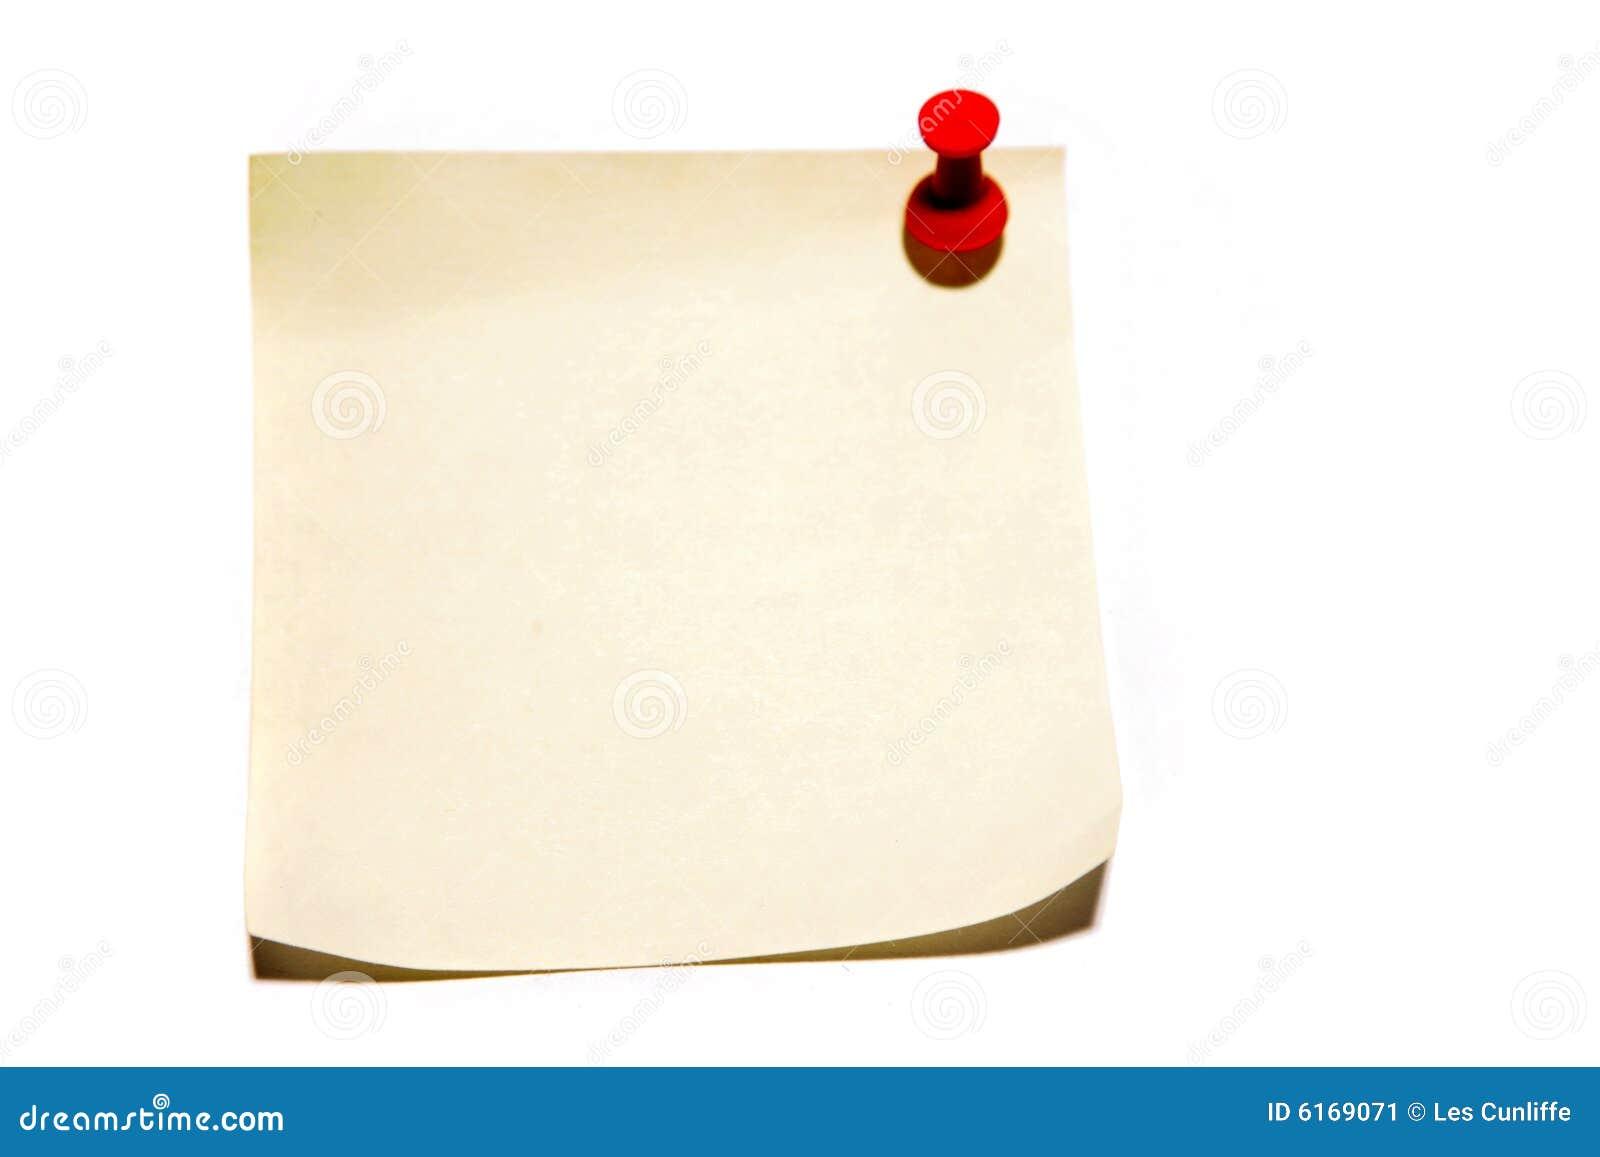 Pushing Paper